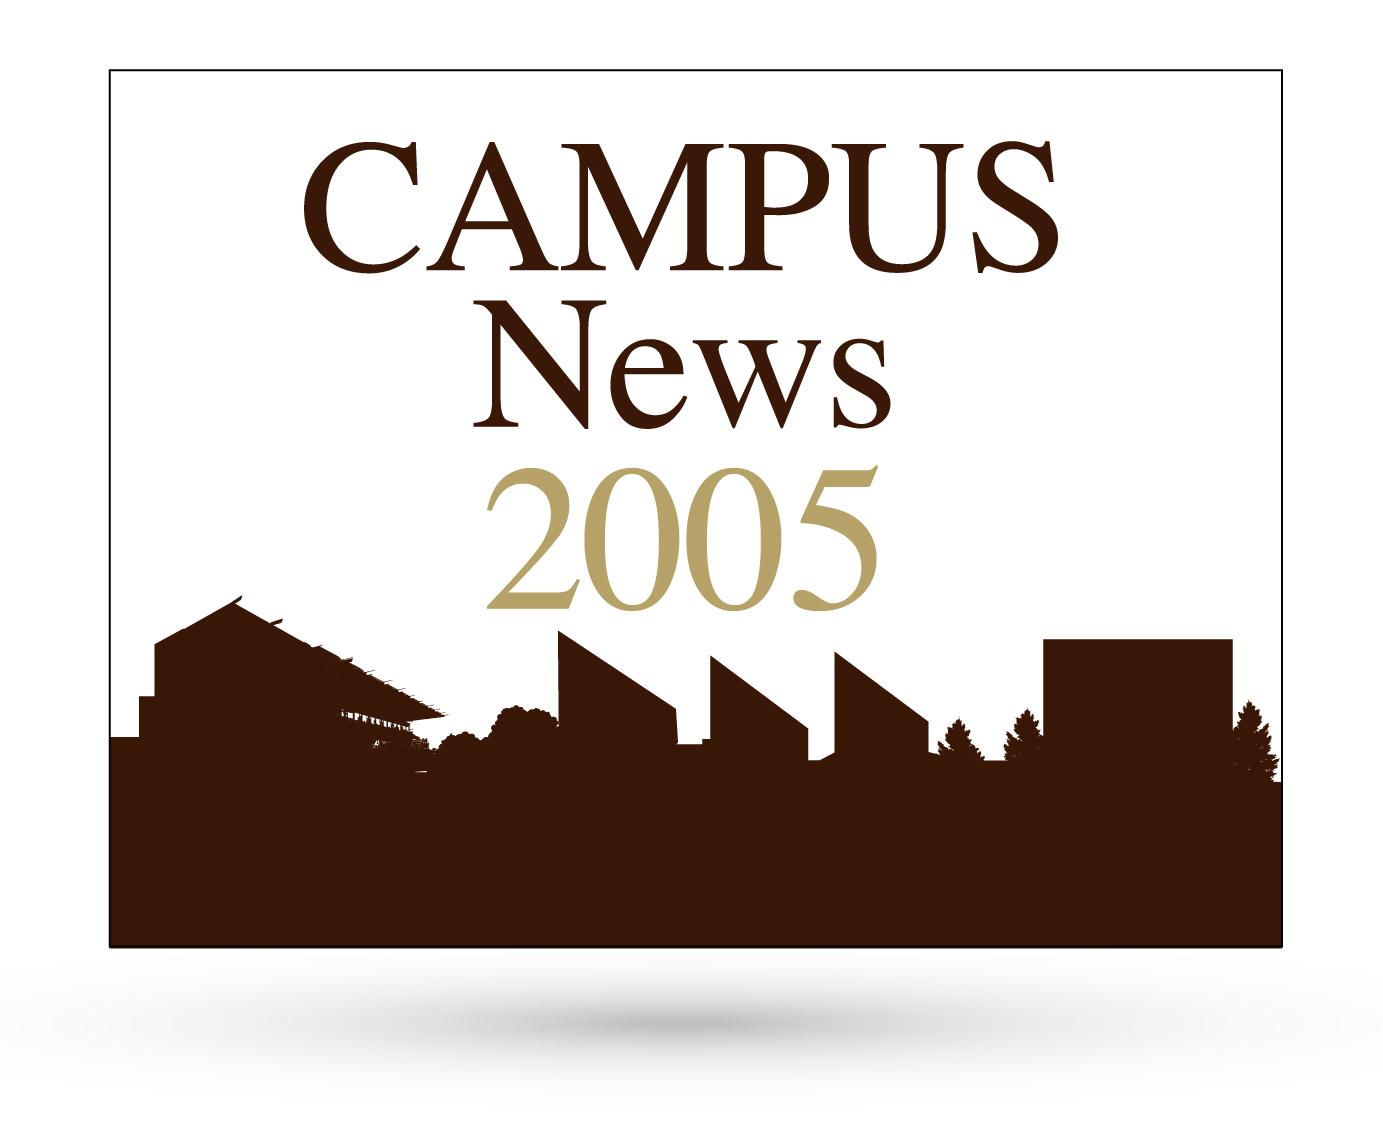 Campus News 2005